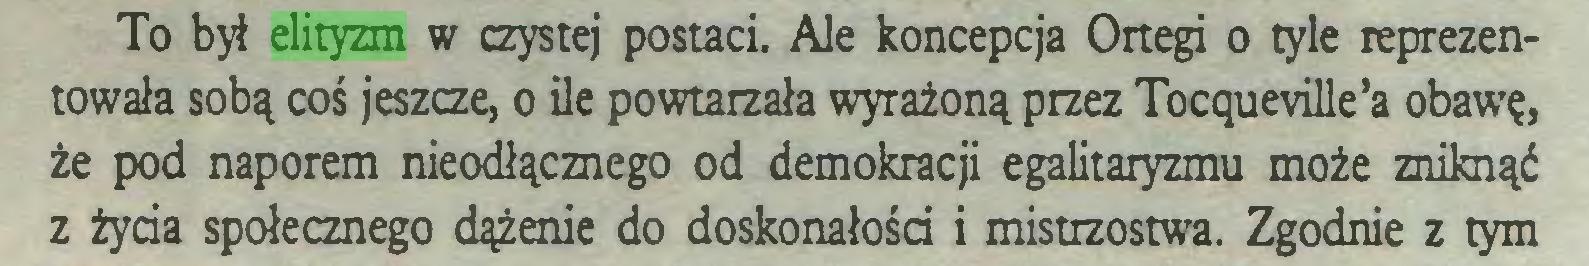 (...) To był elityzm w czystej postaci. Ale koncepcja Ortegi o tyle reprezentowała sobą coś jeszcze, o ile powtarzała wyrażoną przez TocqueviUe'a obawę, że pod naporem nieodłącznego od demokracji egalitaryzmu może zniknąć z życia społecznego dążenie do doskonałości i mistrzostwa. Zgodnie z tym...